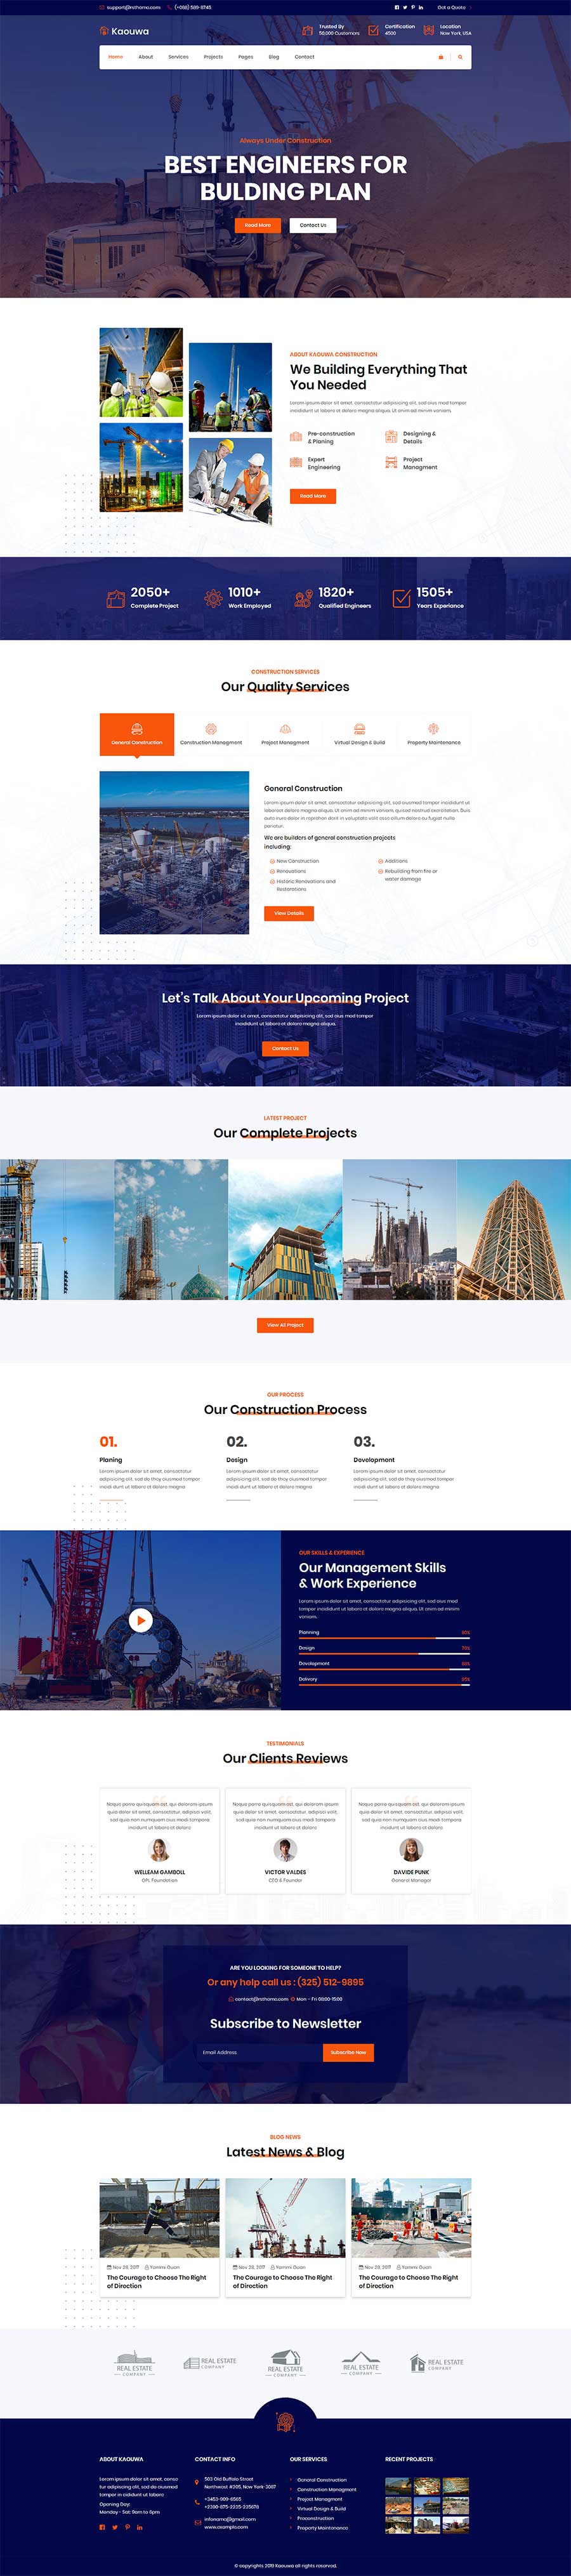 橙色宽屏大气的Bootstrap房地产建筑公司官网模板